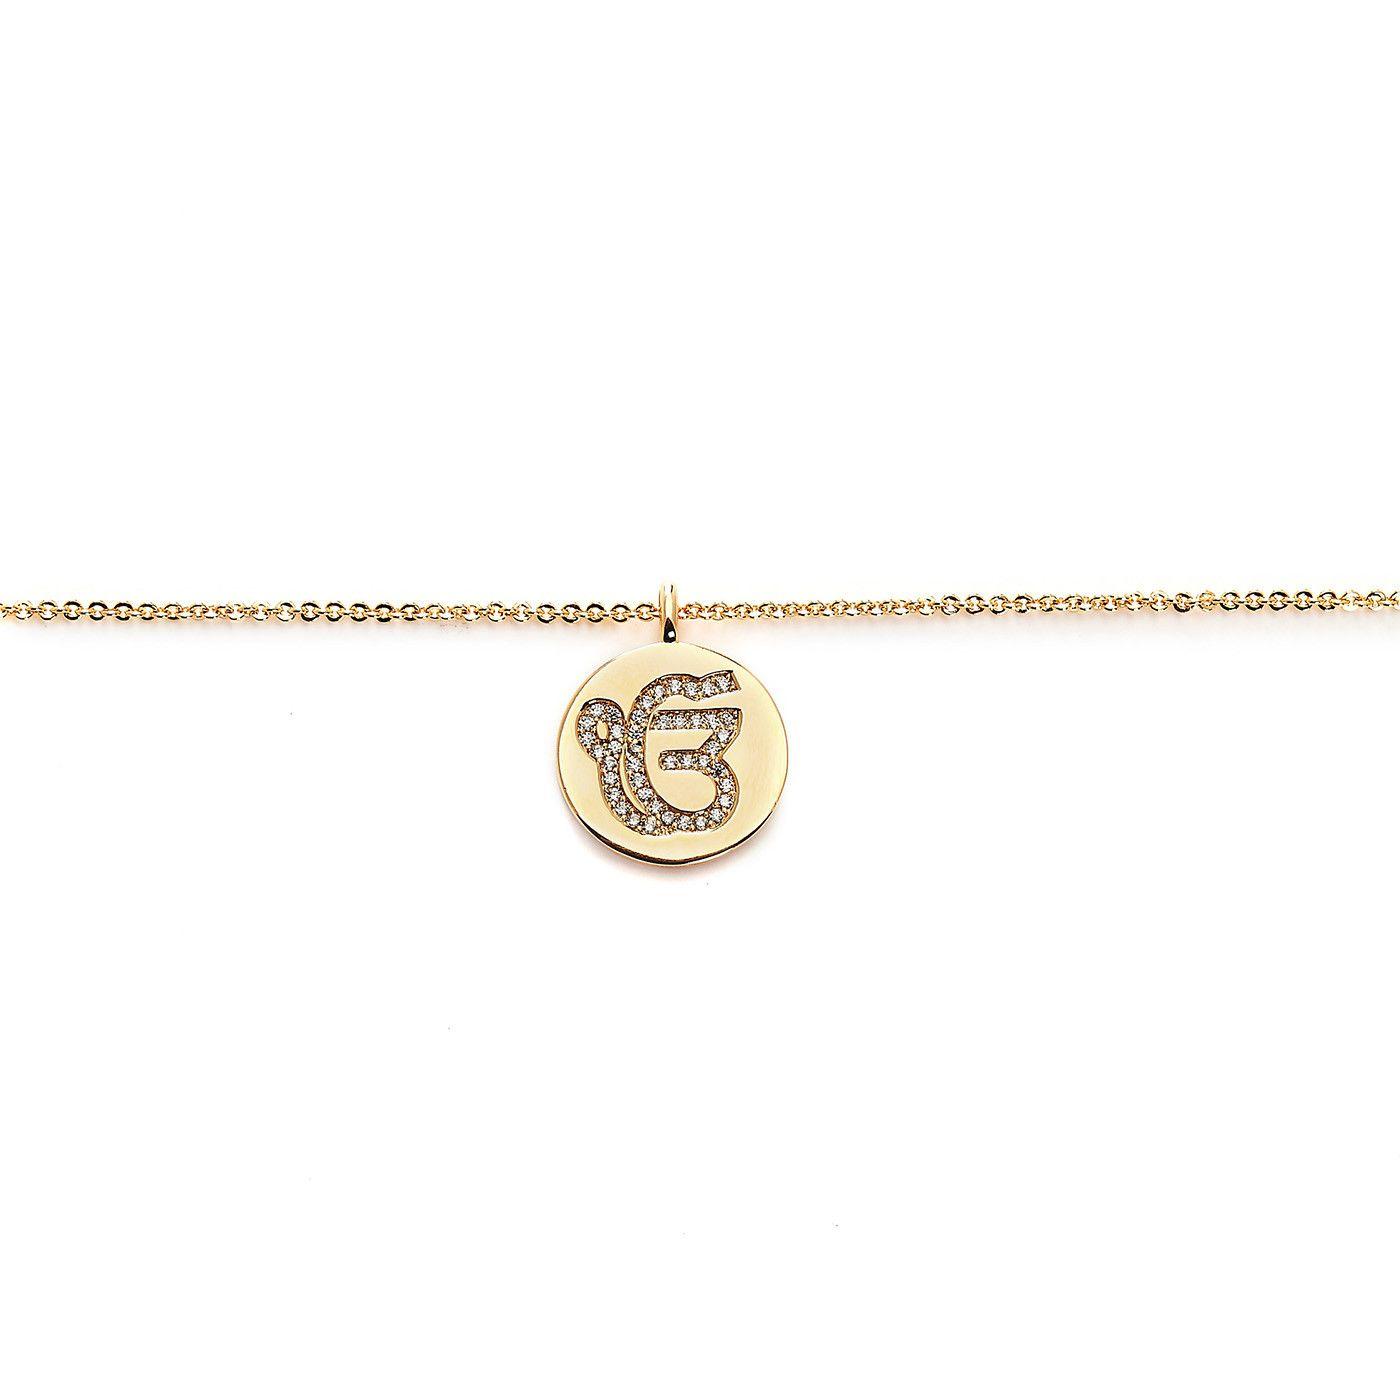 Ek onkar pendant from blinglane deity bling pinterest ek onkar pendant from blinglane aloadofball Choice Image